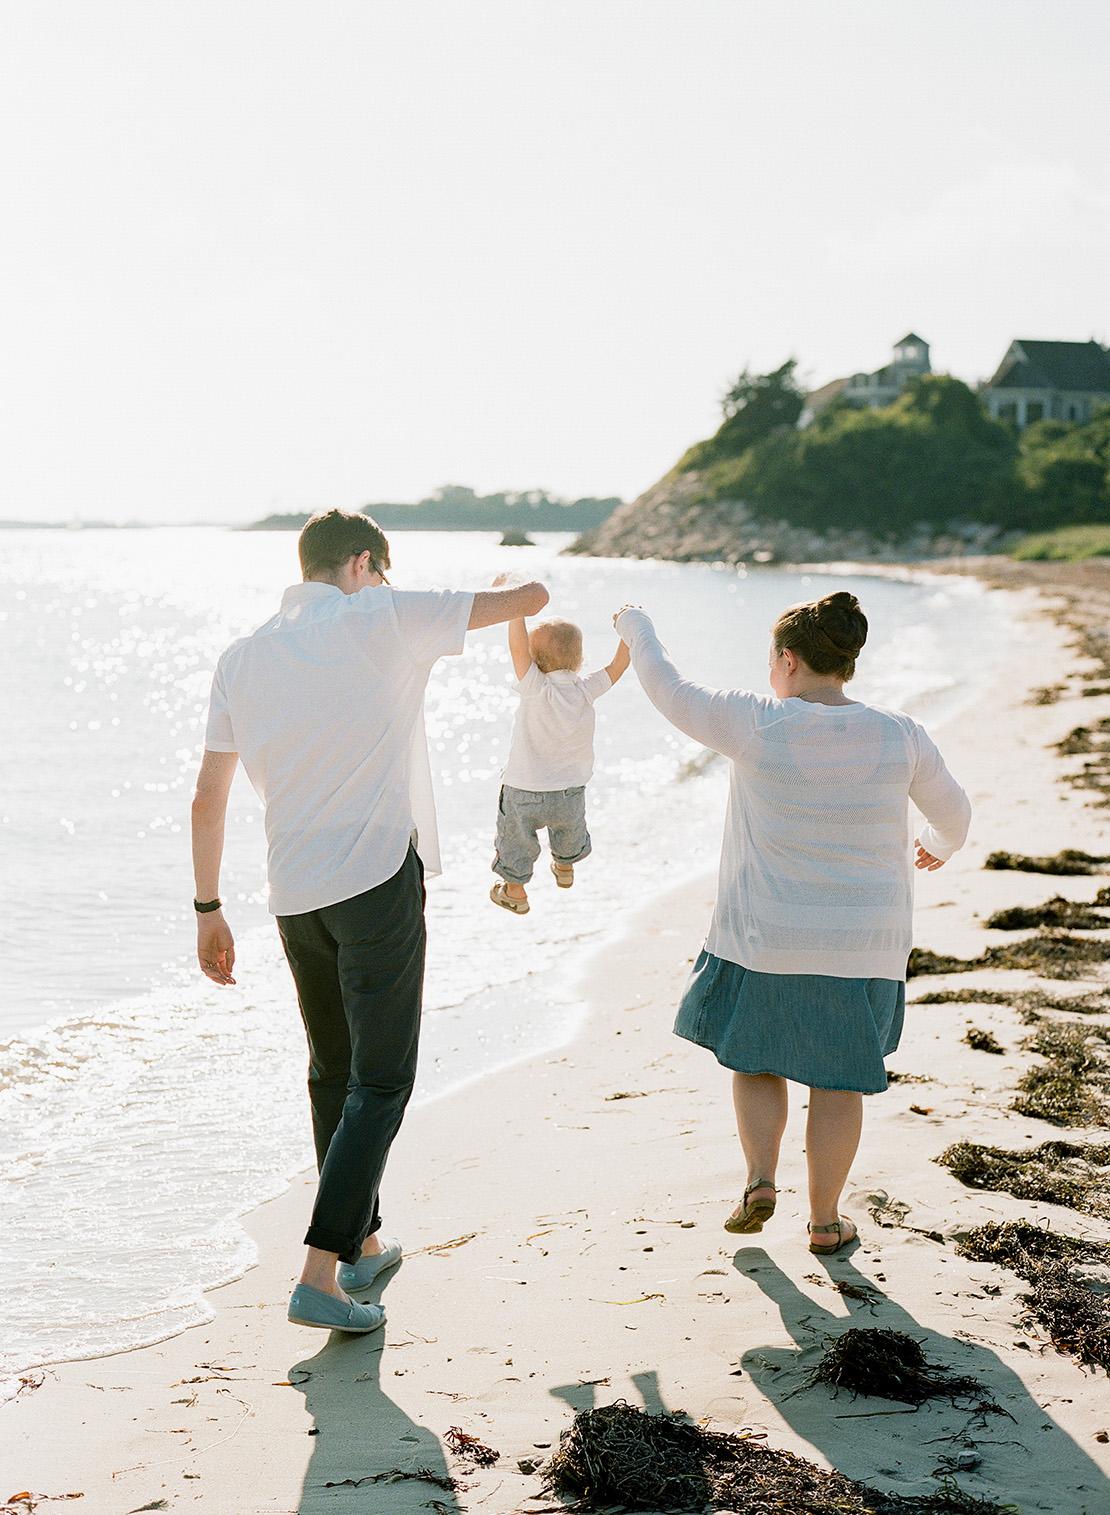 07_central_florida_destination_family_portrait_photographer